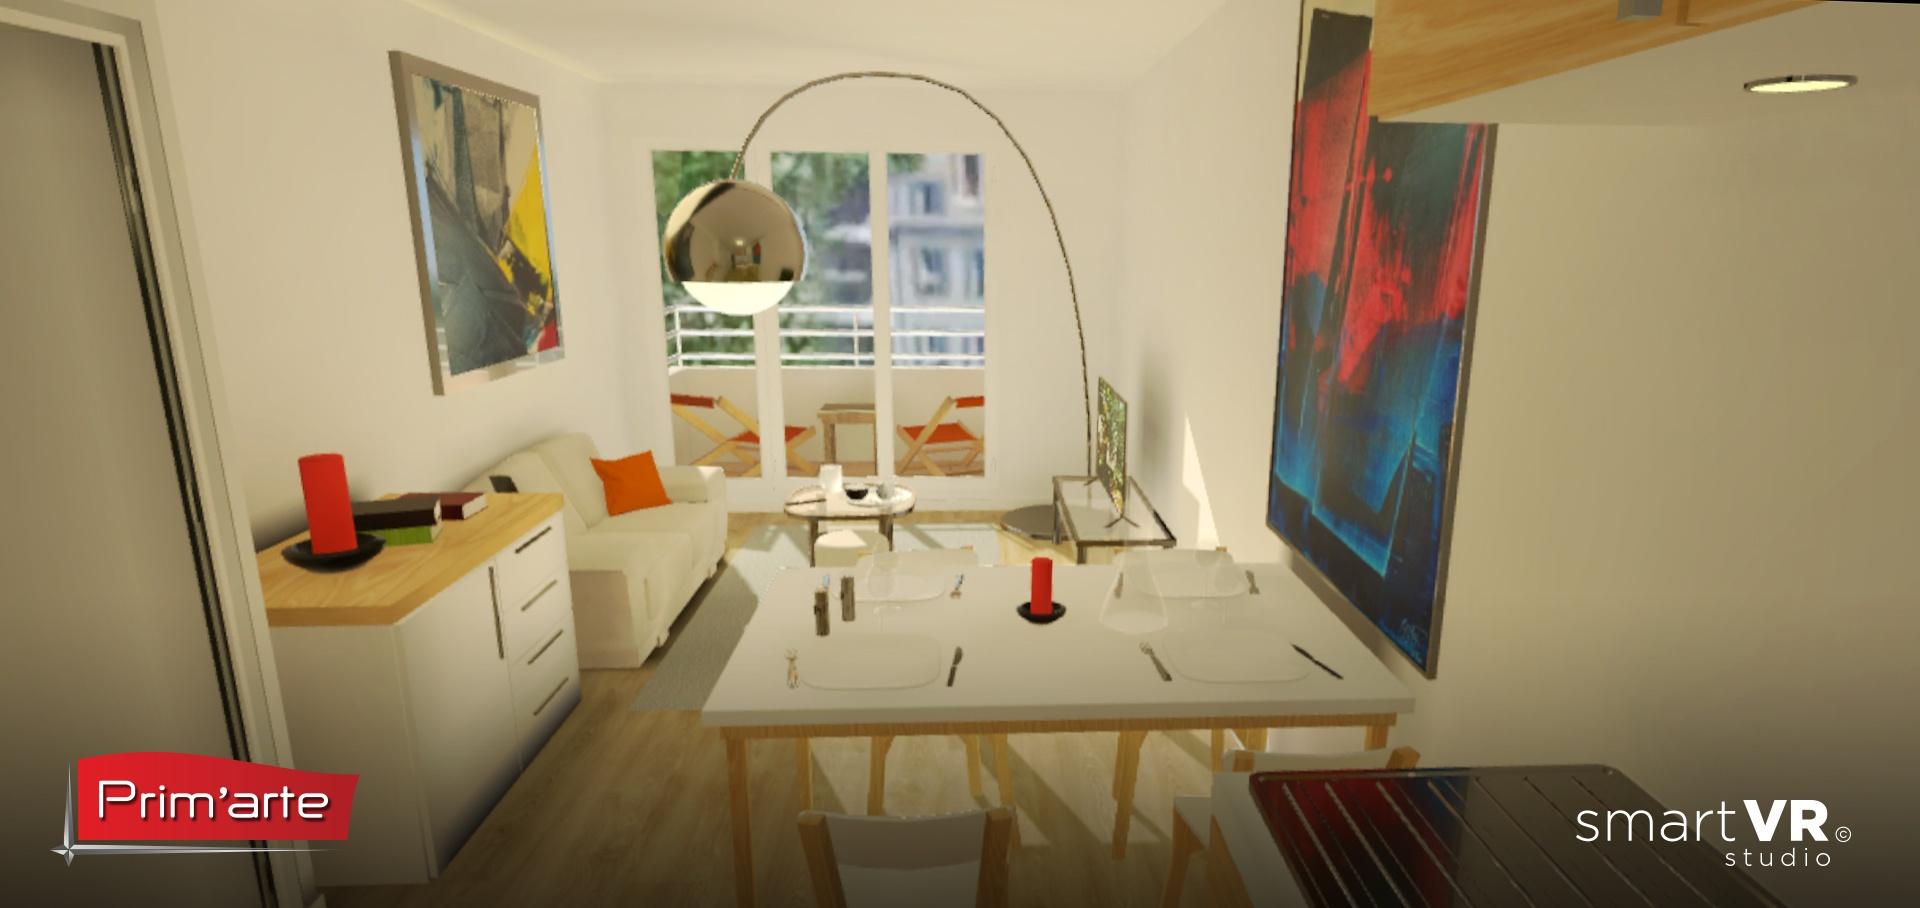 Prim arte bienvenue chez vous en r alit virtuelle for Agence chez vous